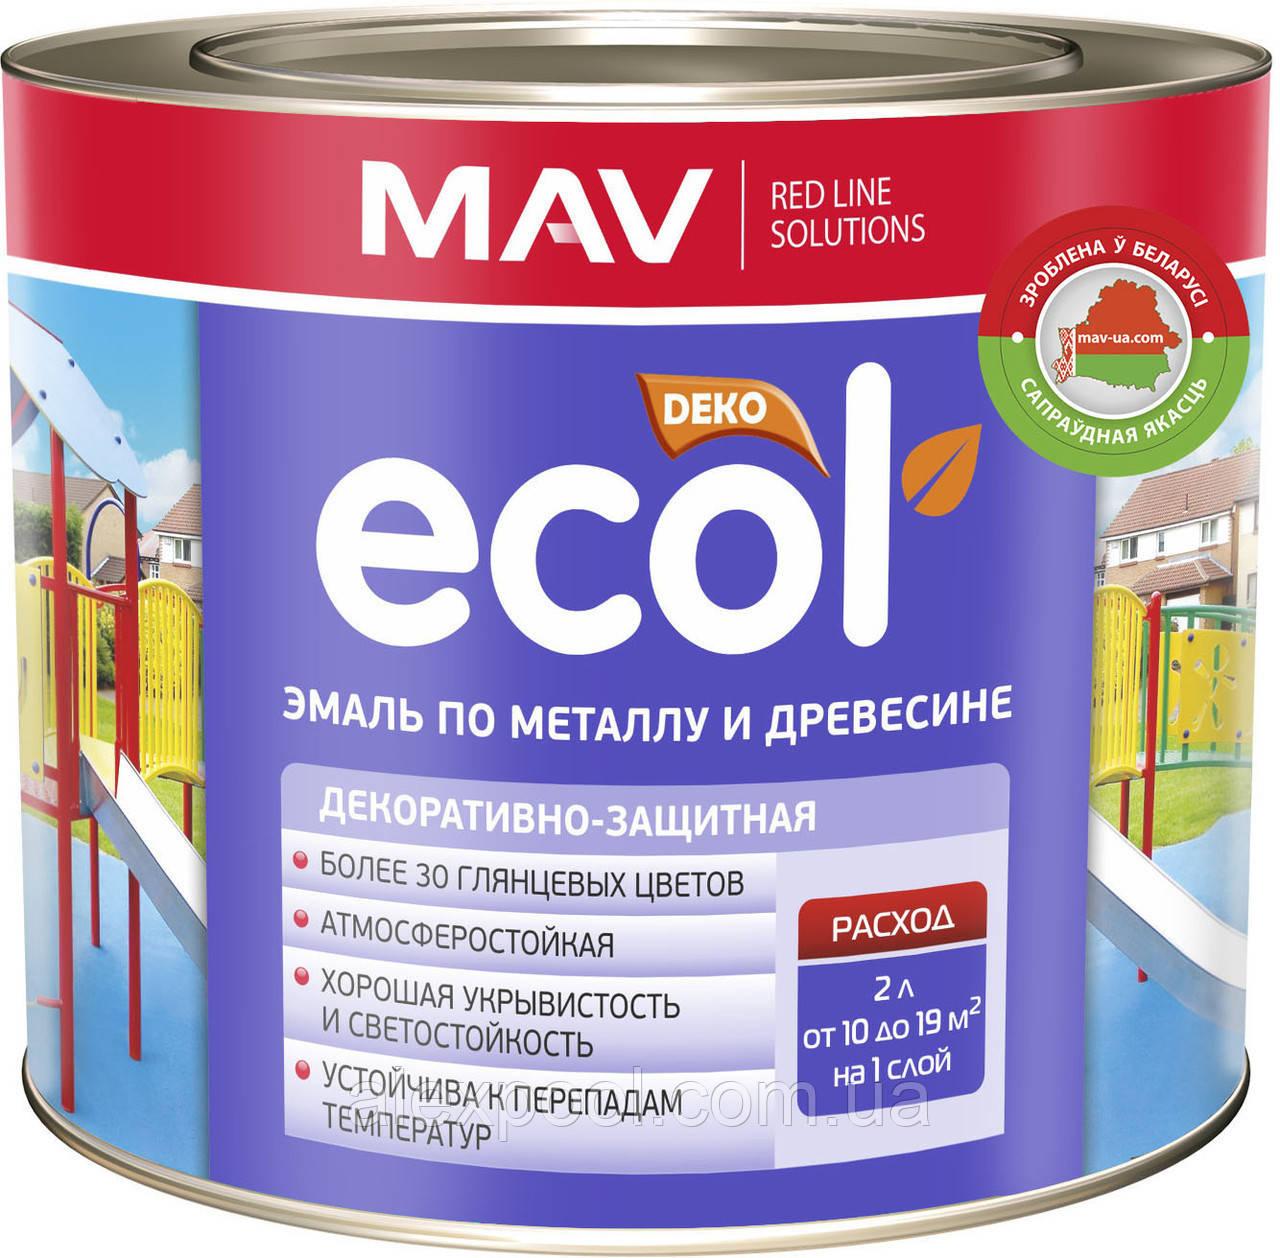 Эмаль MAV ECOL по металлу и древесине Ярко-зеленая 1 литр